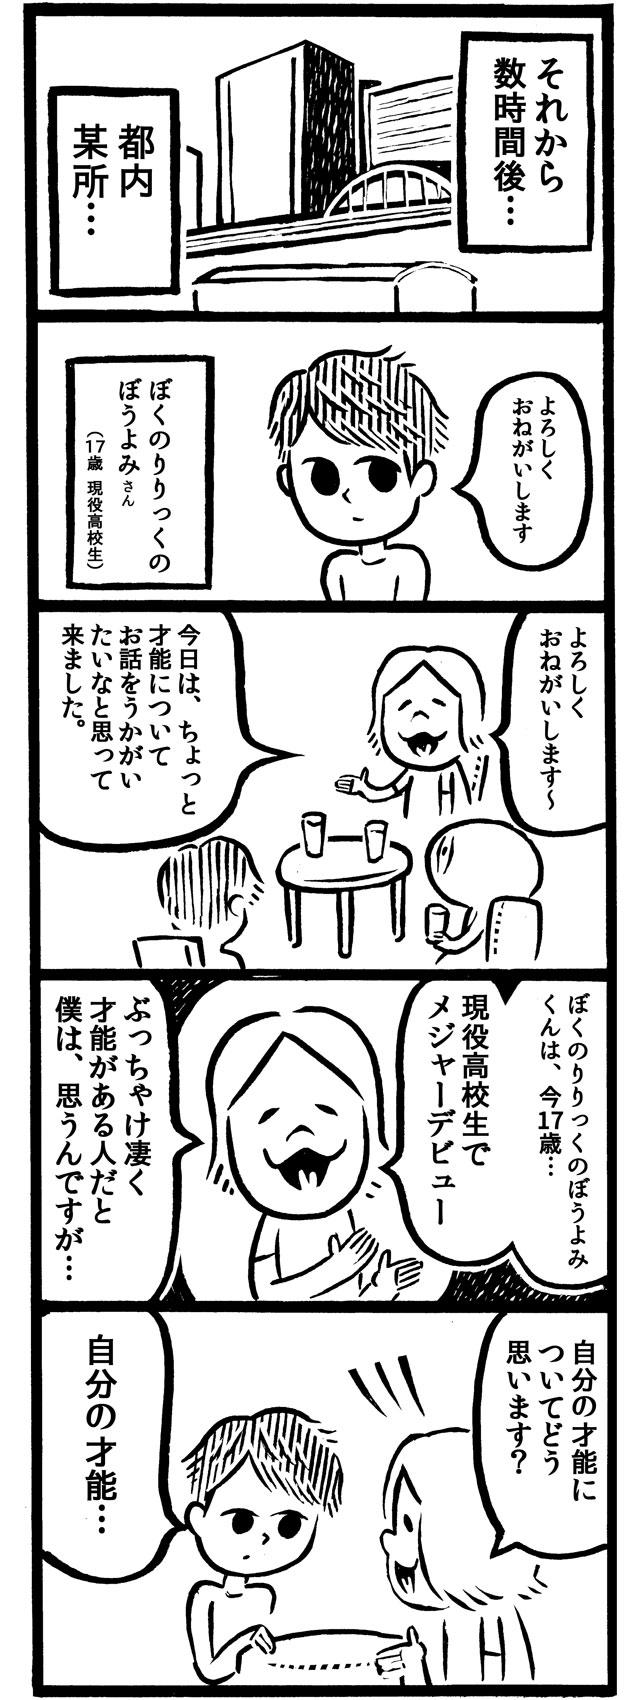 f:id:kakijiro:20151226151440j:plain